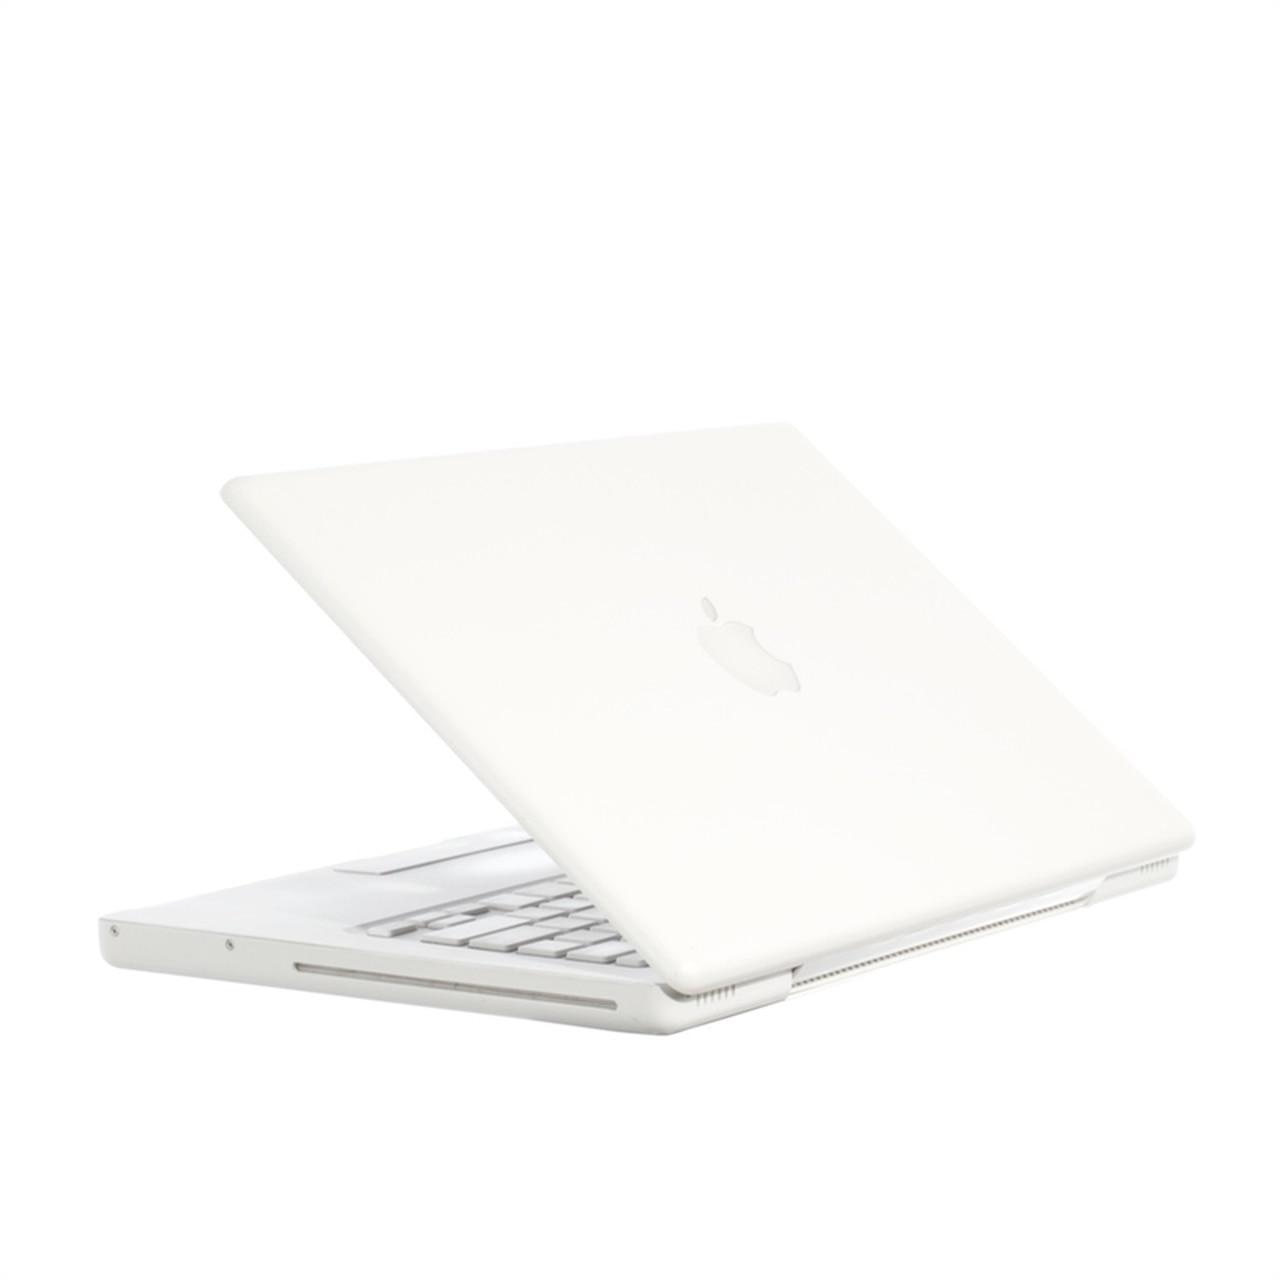 """MacBook 13"""" (2007) - Core 2 Duo 2,16 GHz - HDD 500 GB - 2GB - AZERTY - Französisch"""